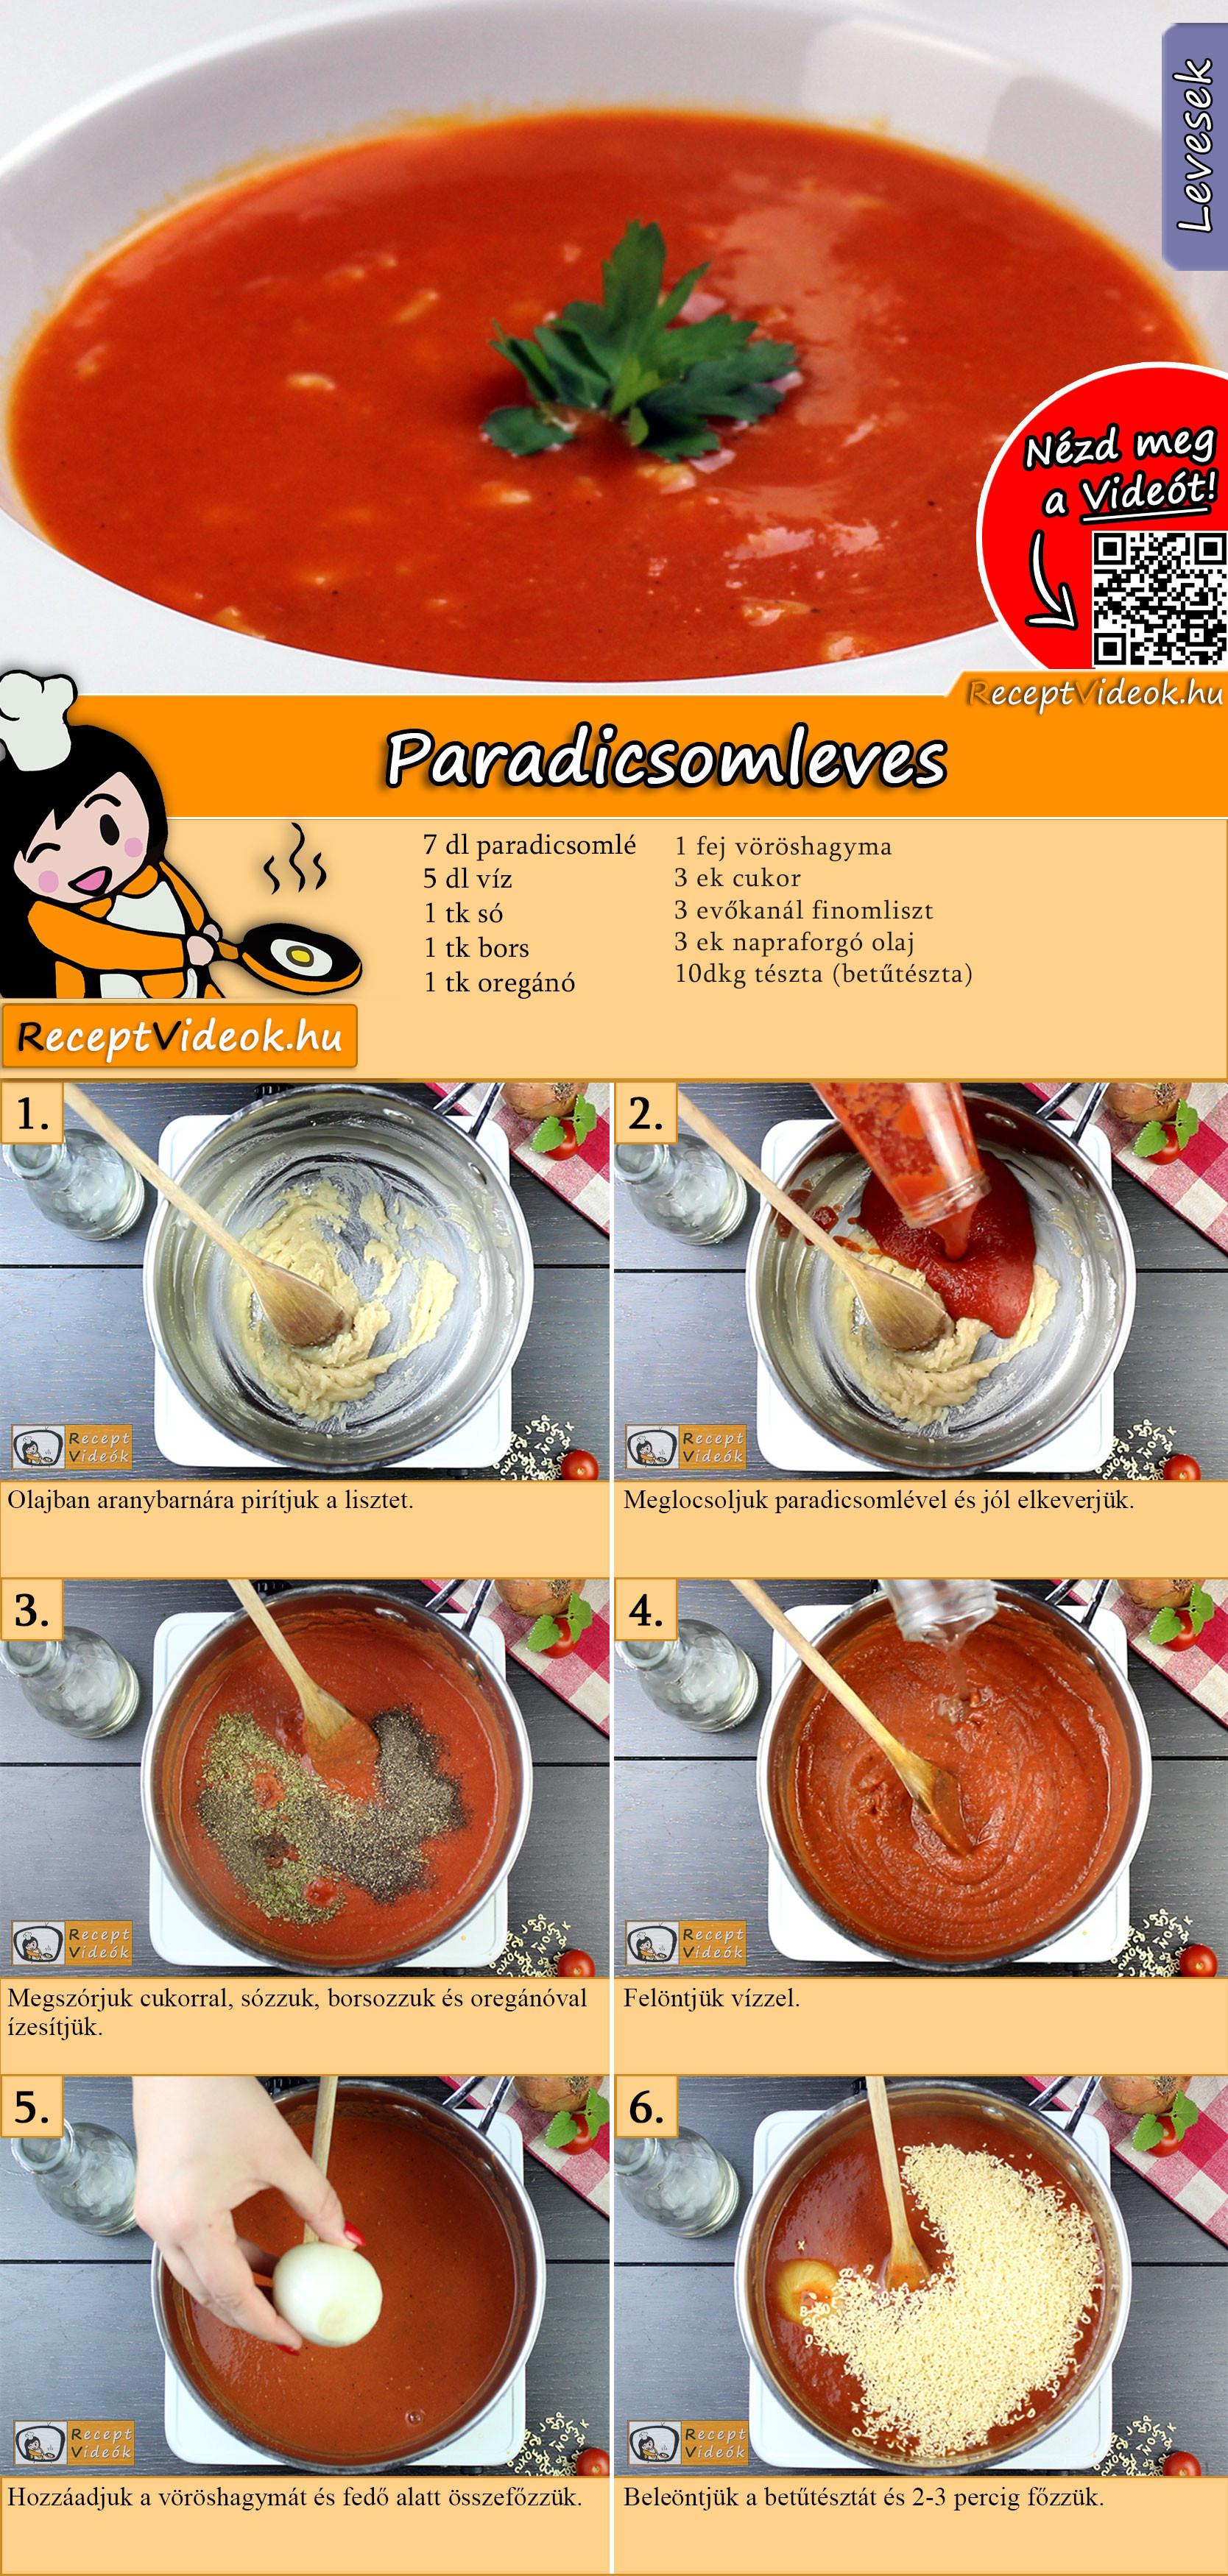 Paradicsomleves recept elkészítése videóval